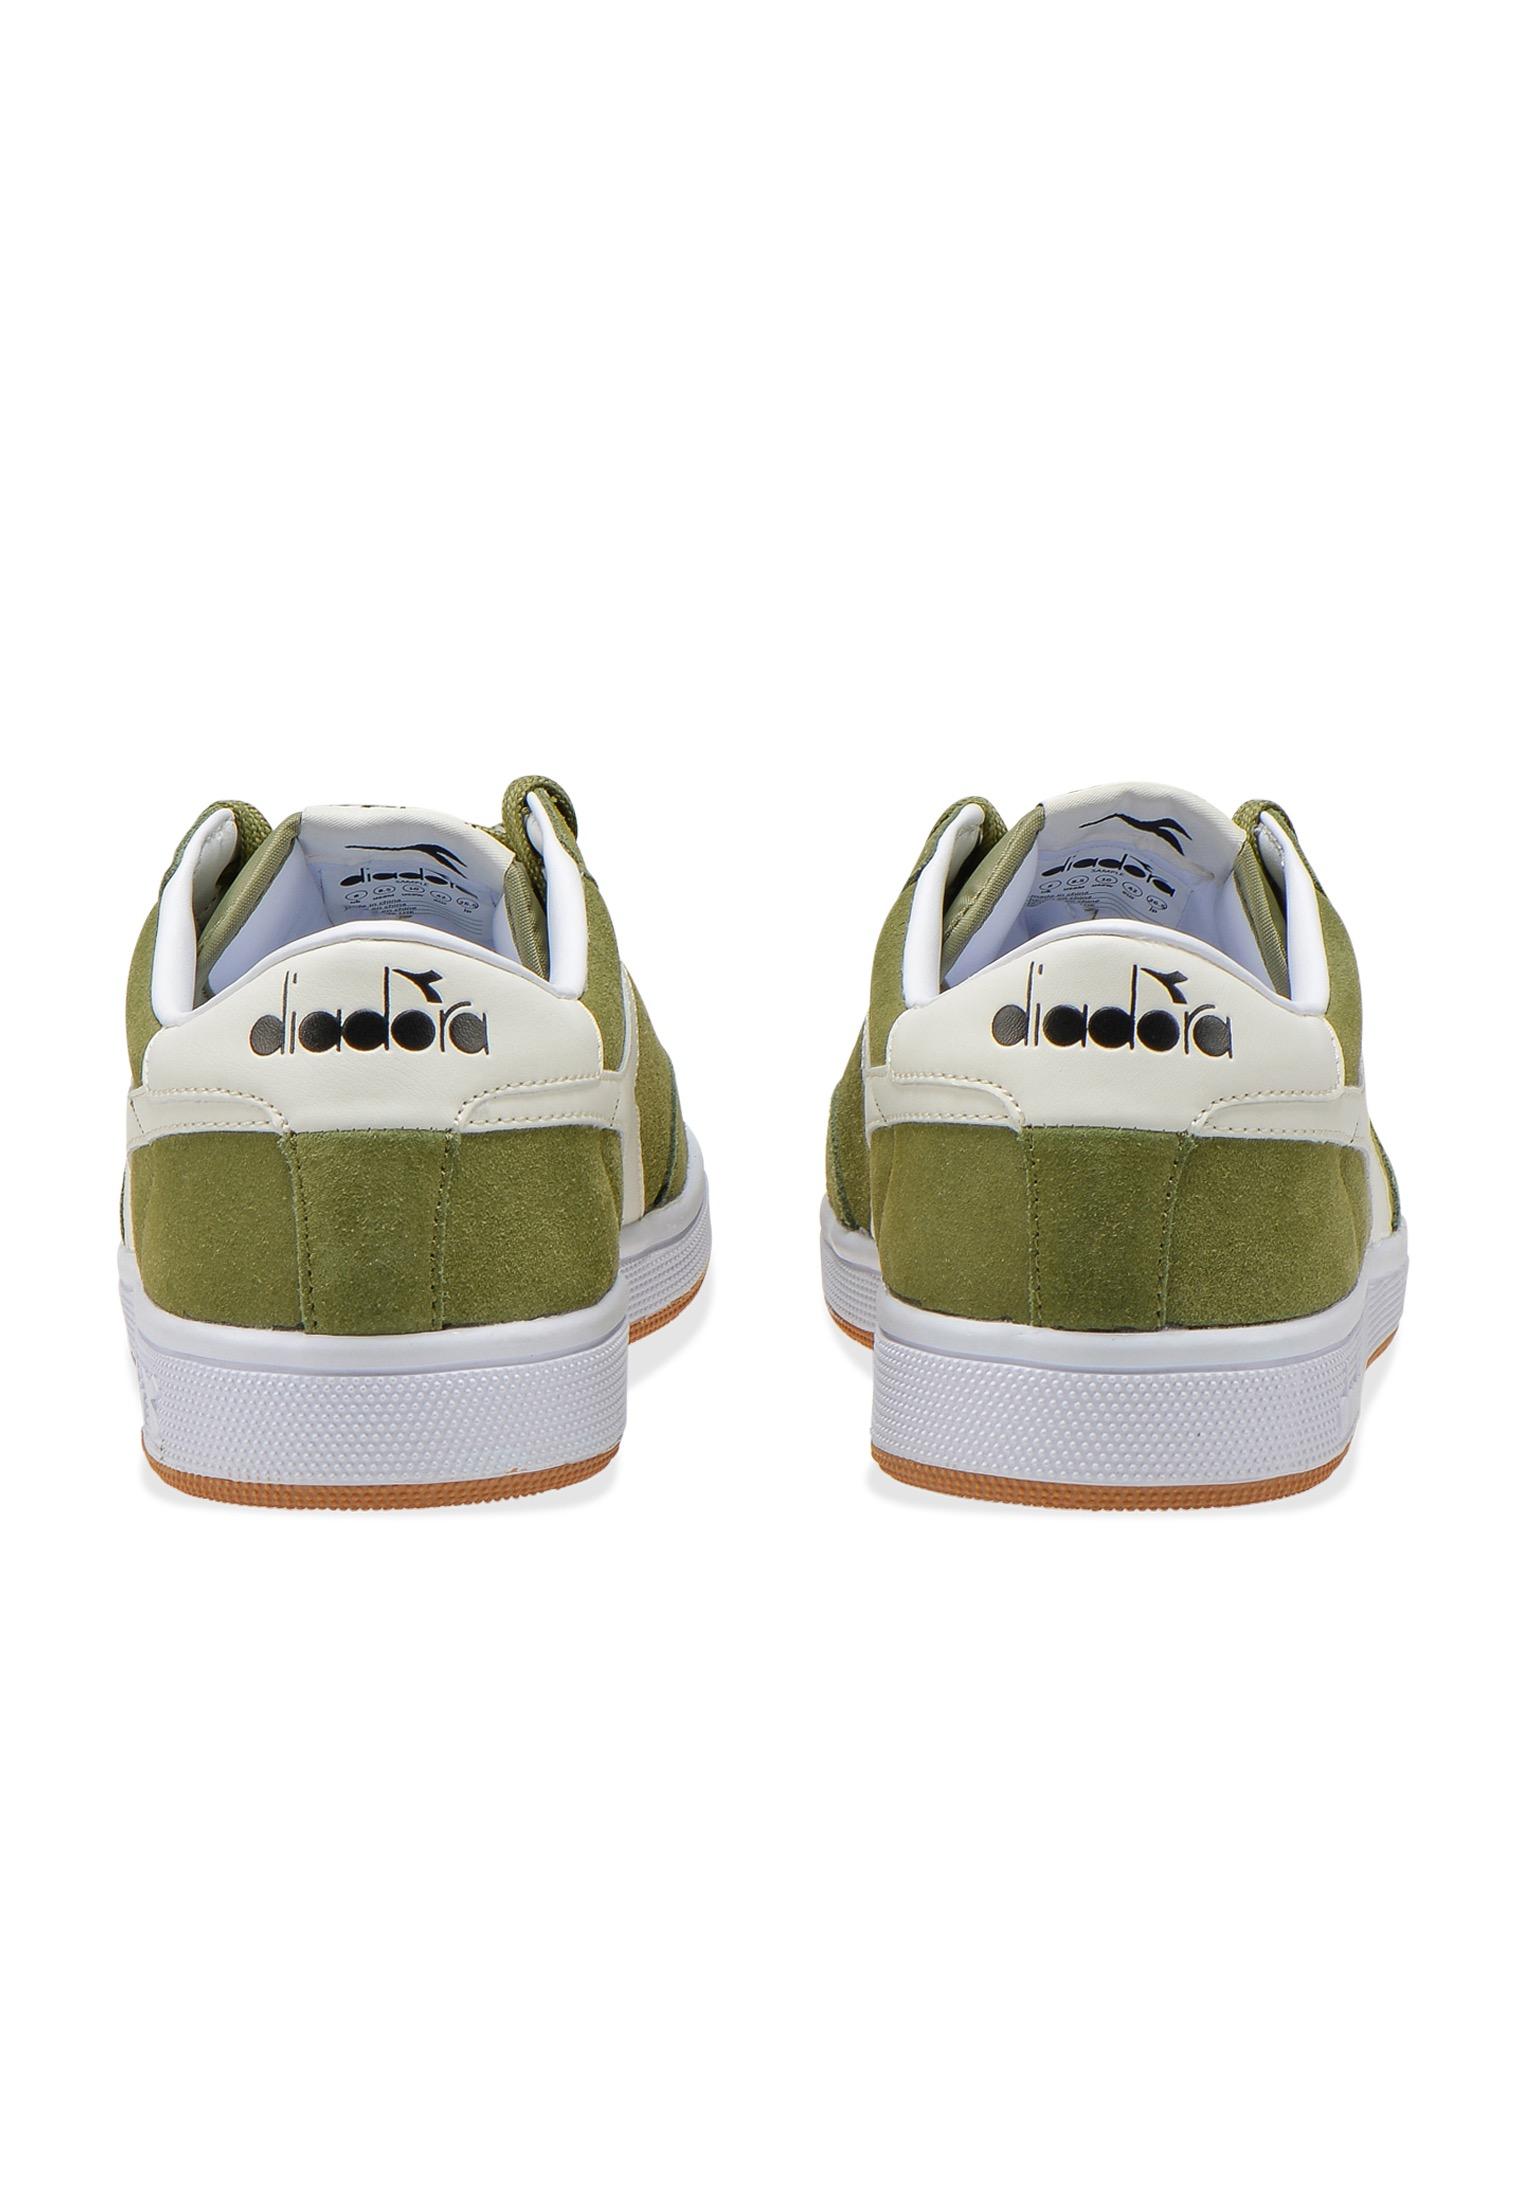 miniatura 7 - Diadora - Sneakers FIELD per uomo e donna